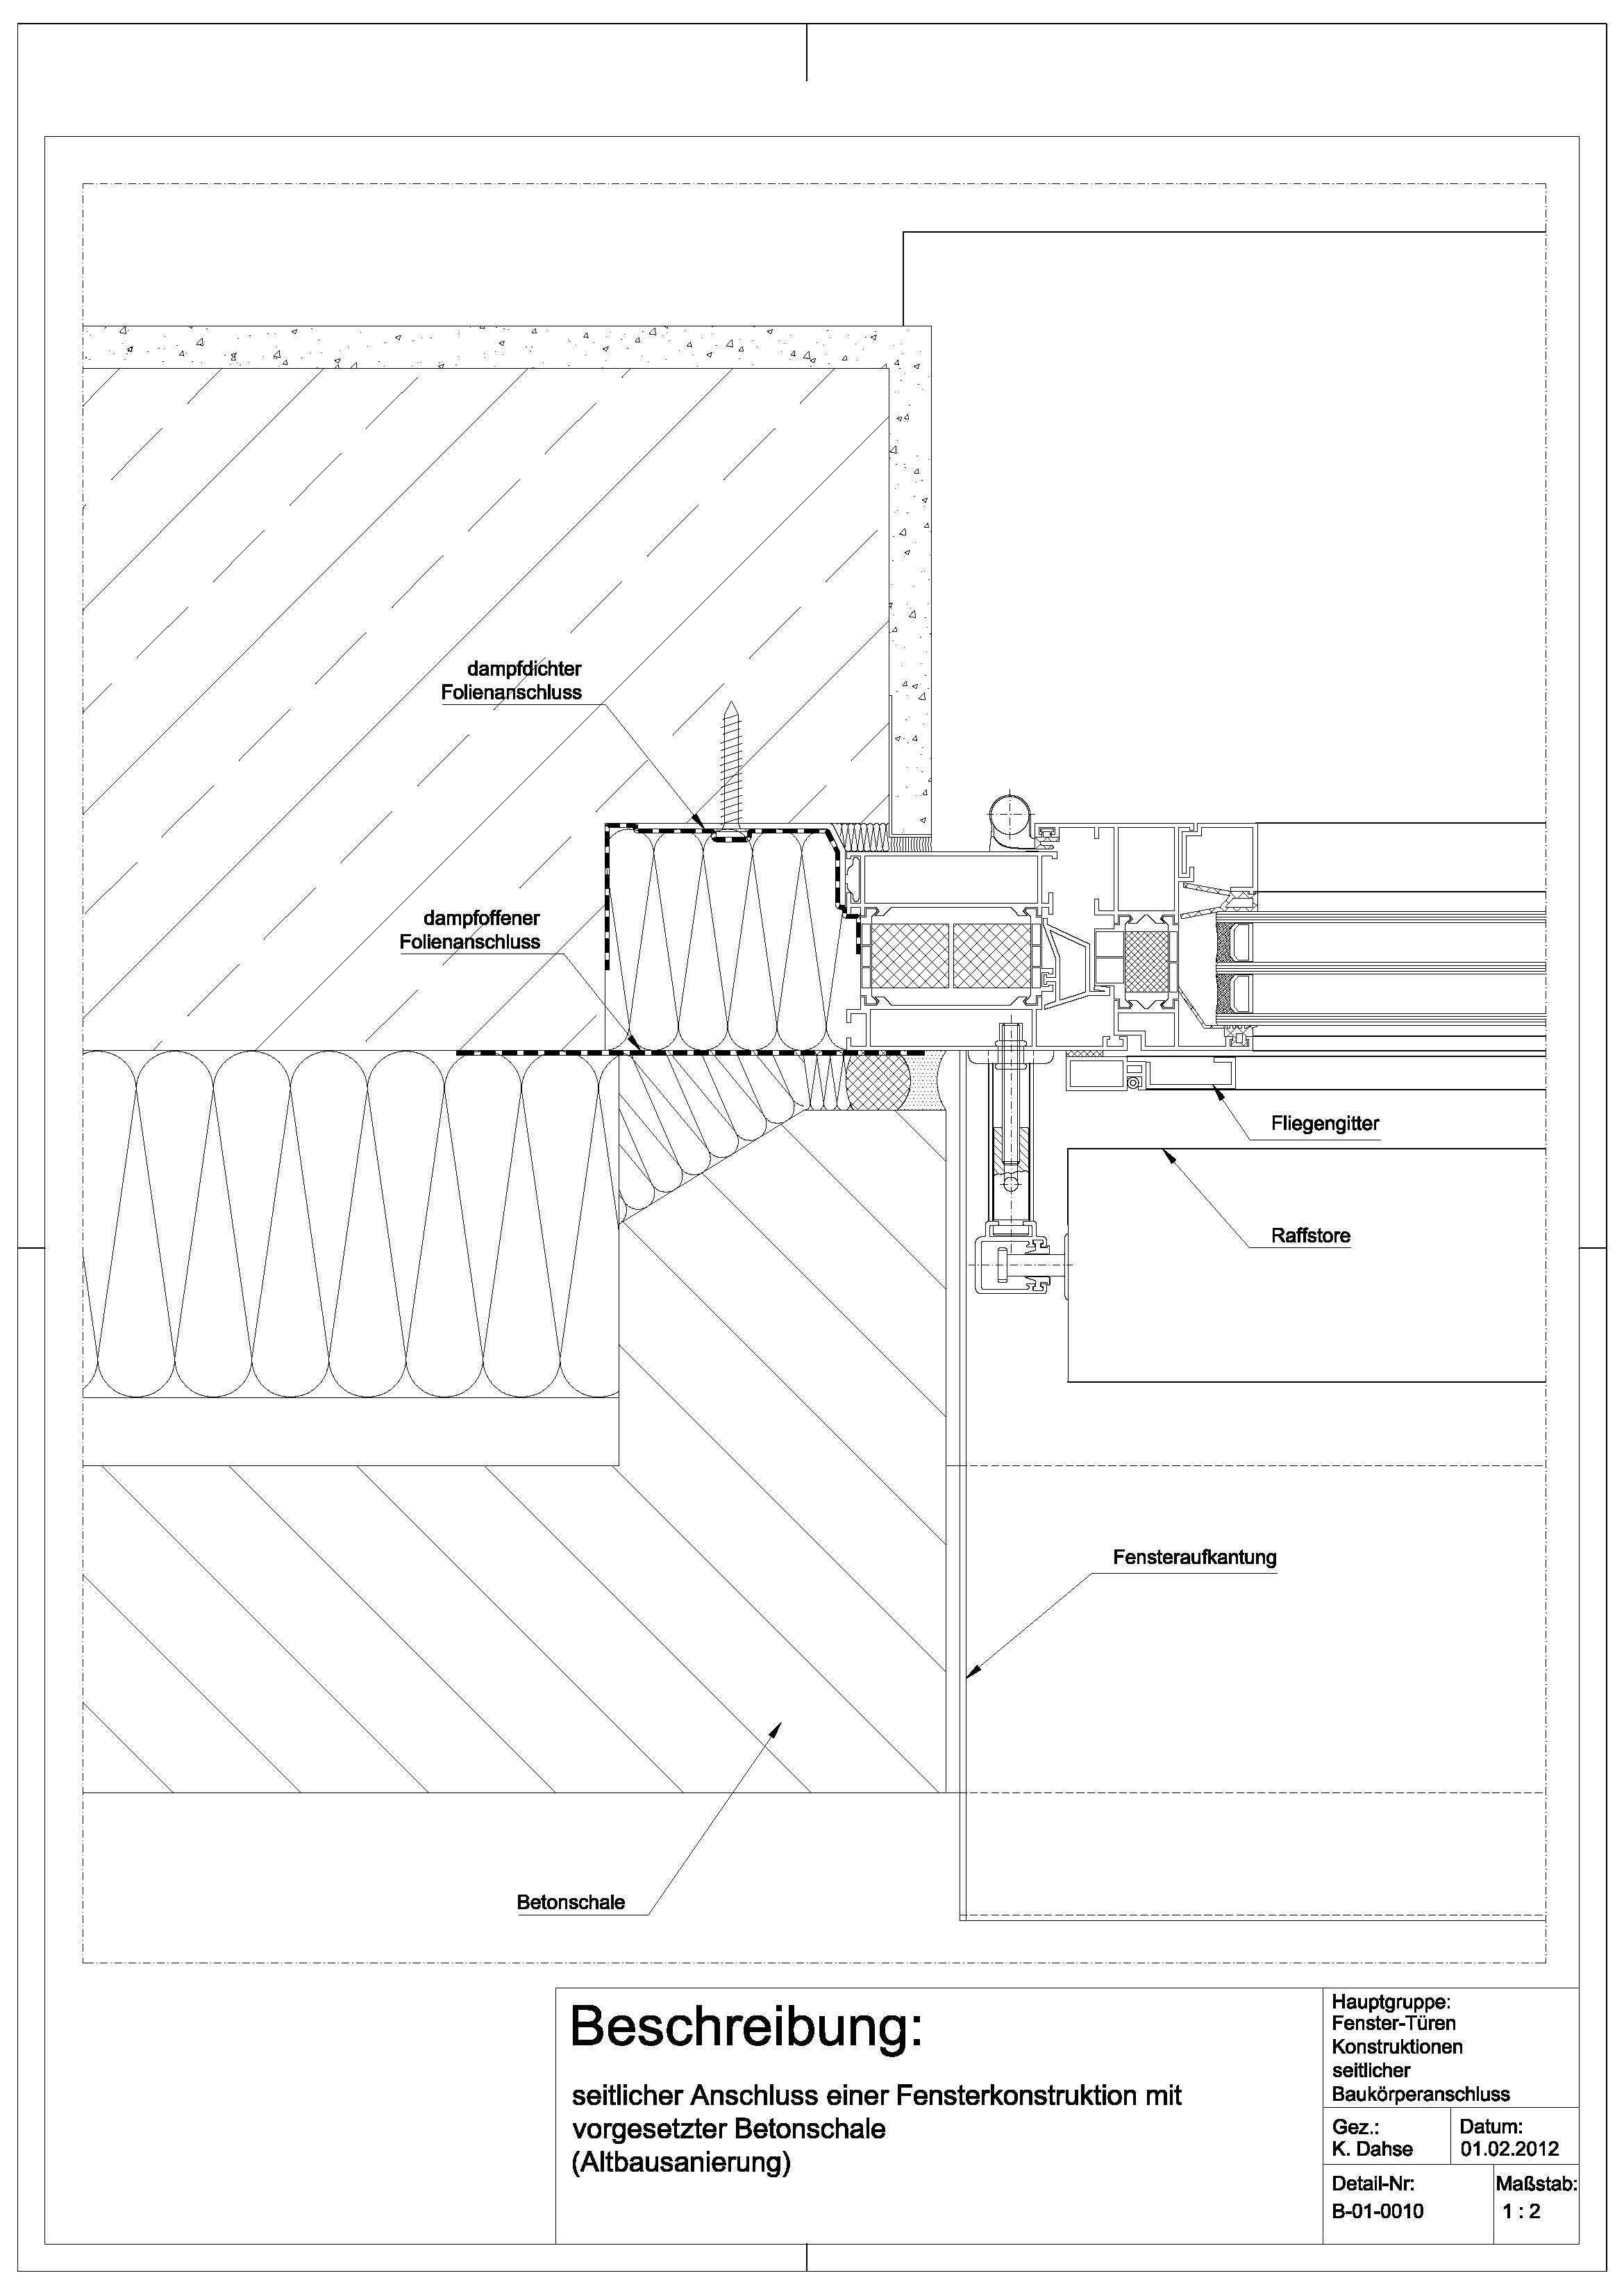 b 01 0010 anschluss einer fensterkonstruktion mit vorgestetzter betonschale altbausanierung. Black Bedroom Furniture Sets. Home Design Ideas